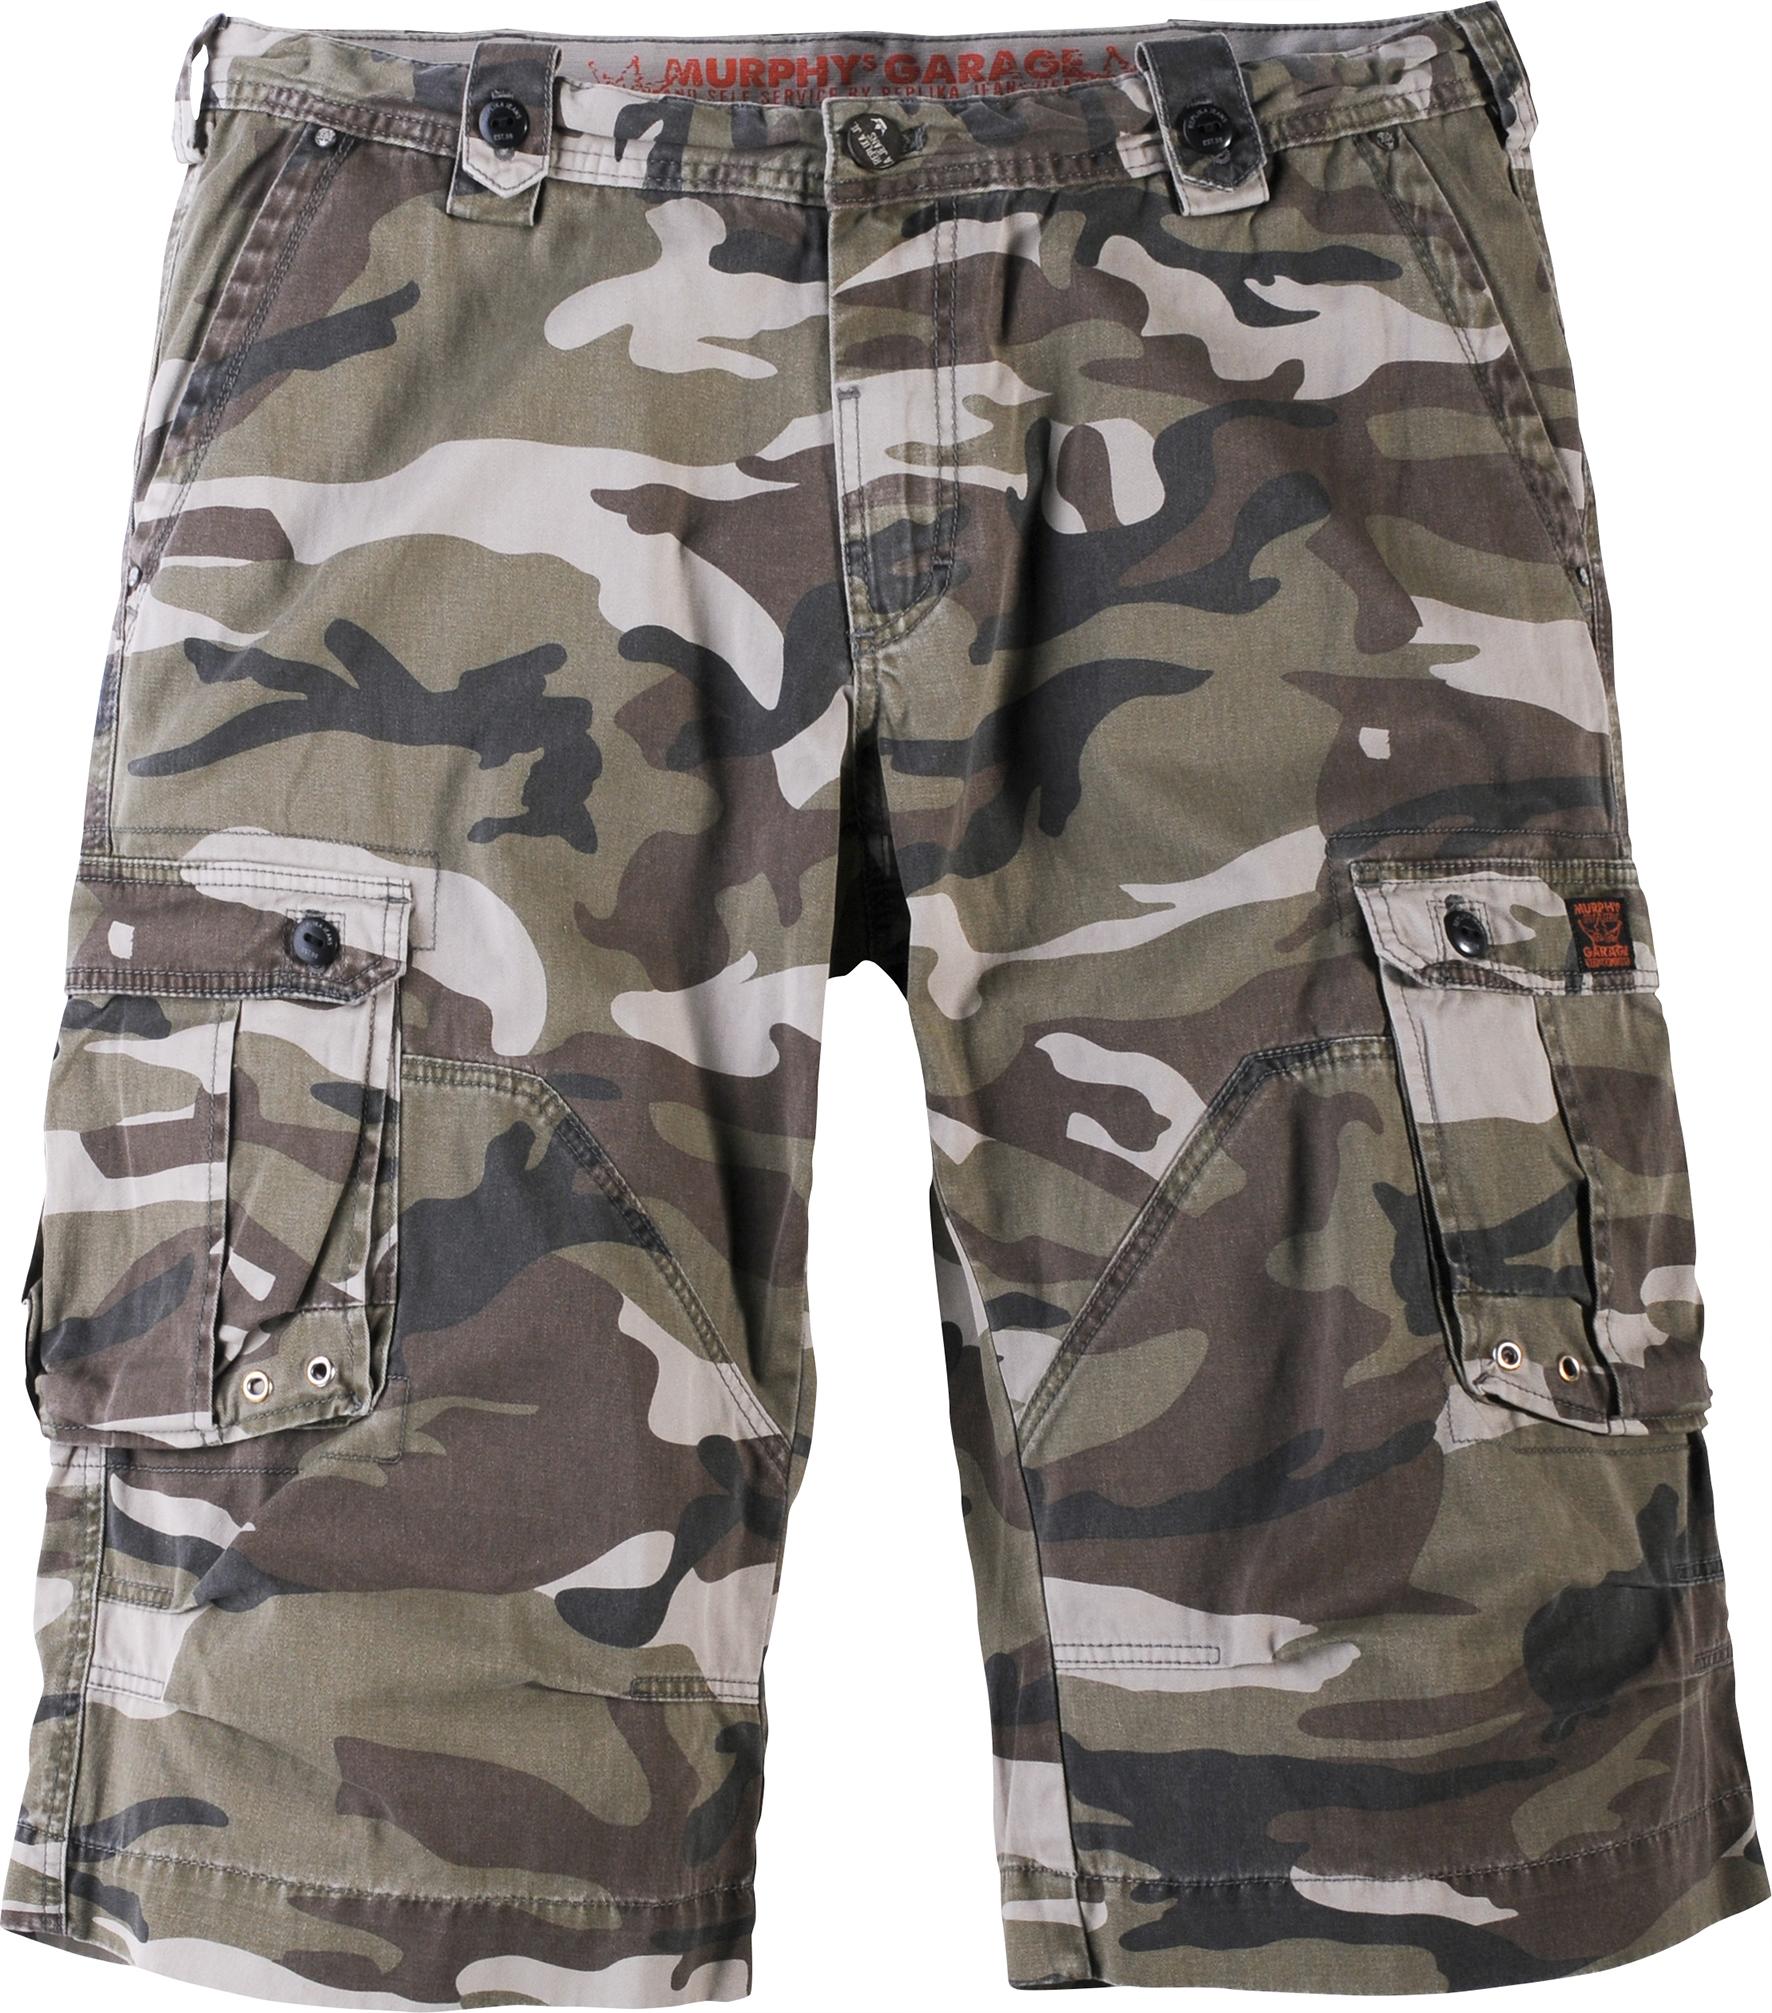 Capri camouflage-look, camo groen